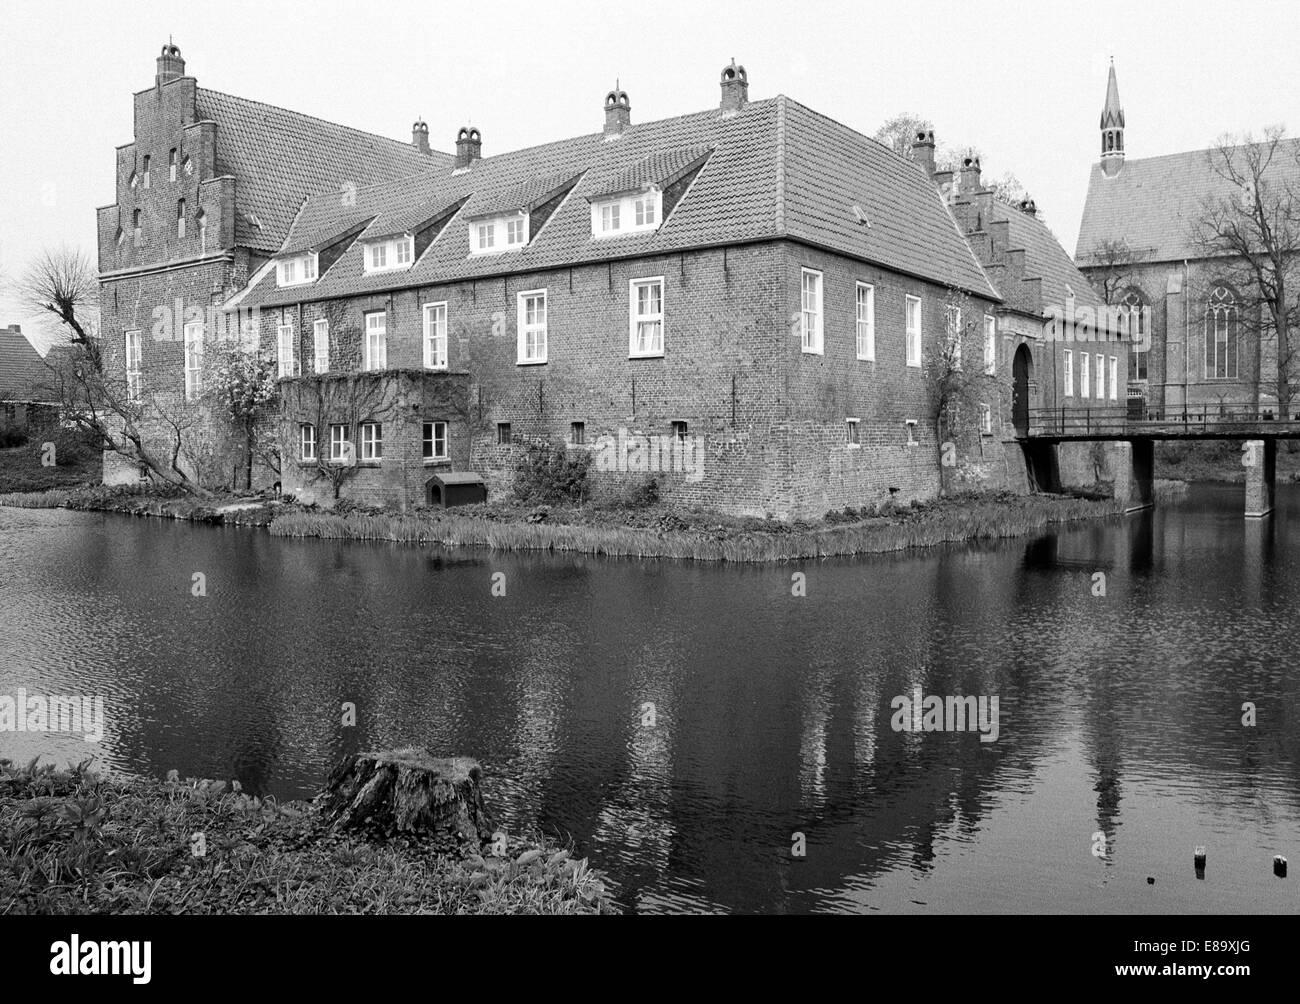 Achtziger Jahre, Wasserburg Hinta, ehemals Osterburg, im Mittelalter Haeuptlingsburg und Haeuptlingssitz Ostfriesischer - Stock Image